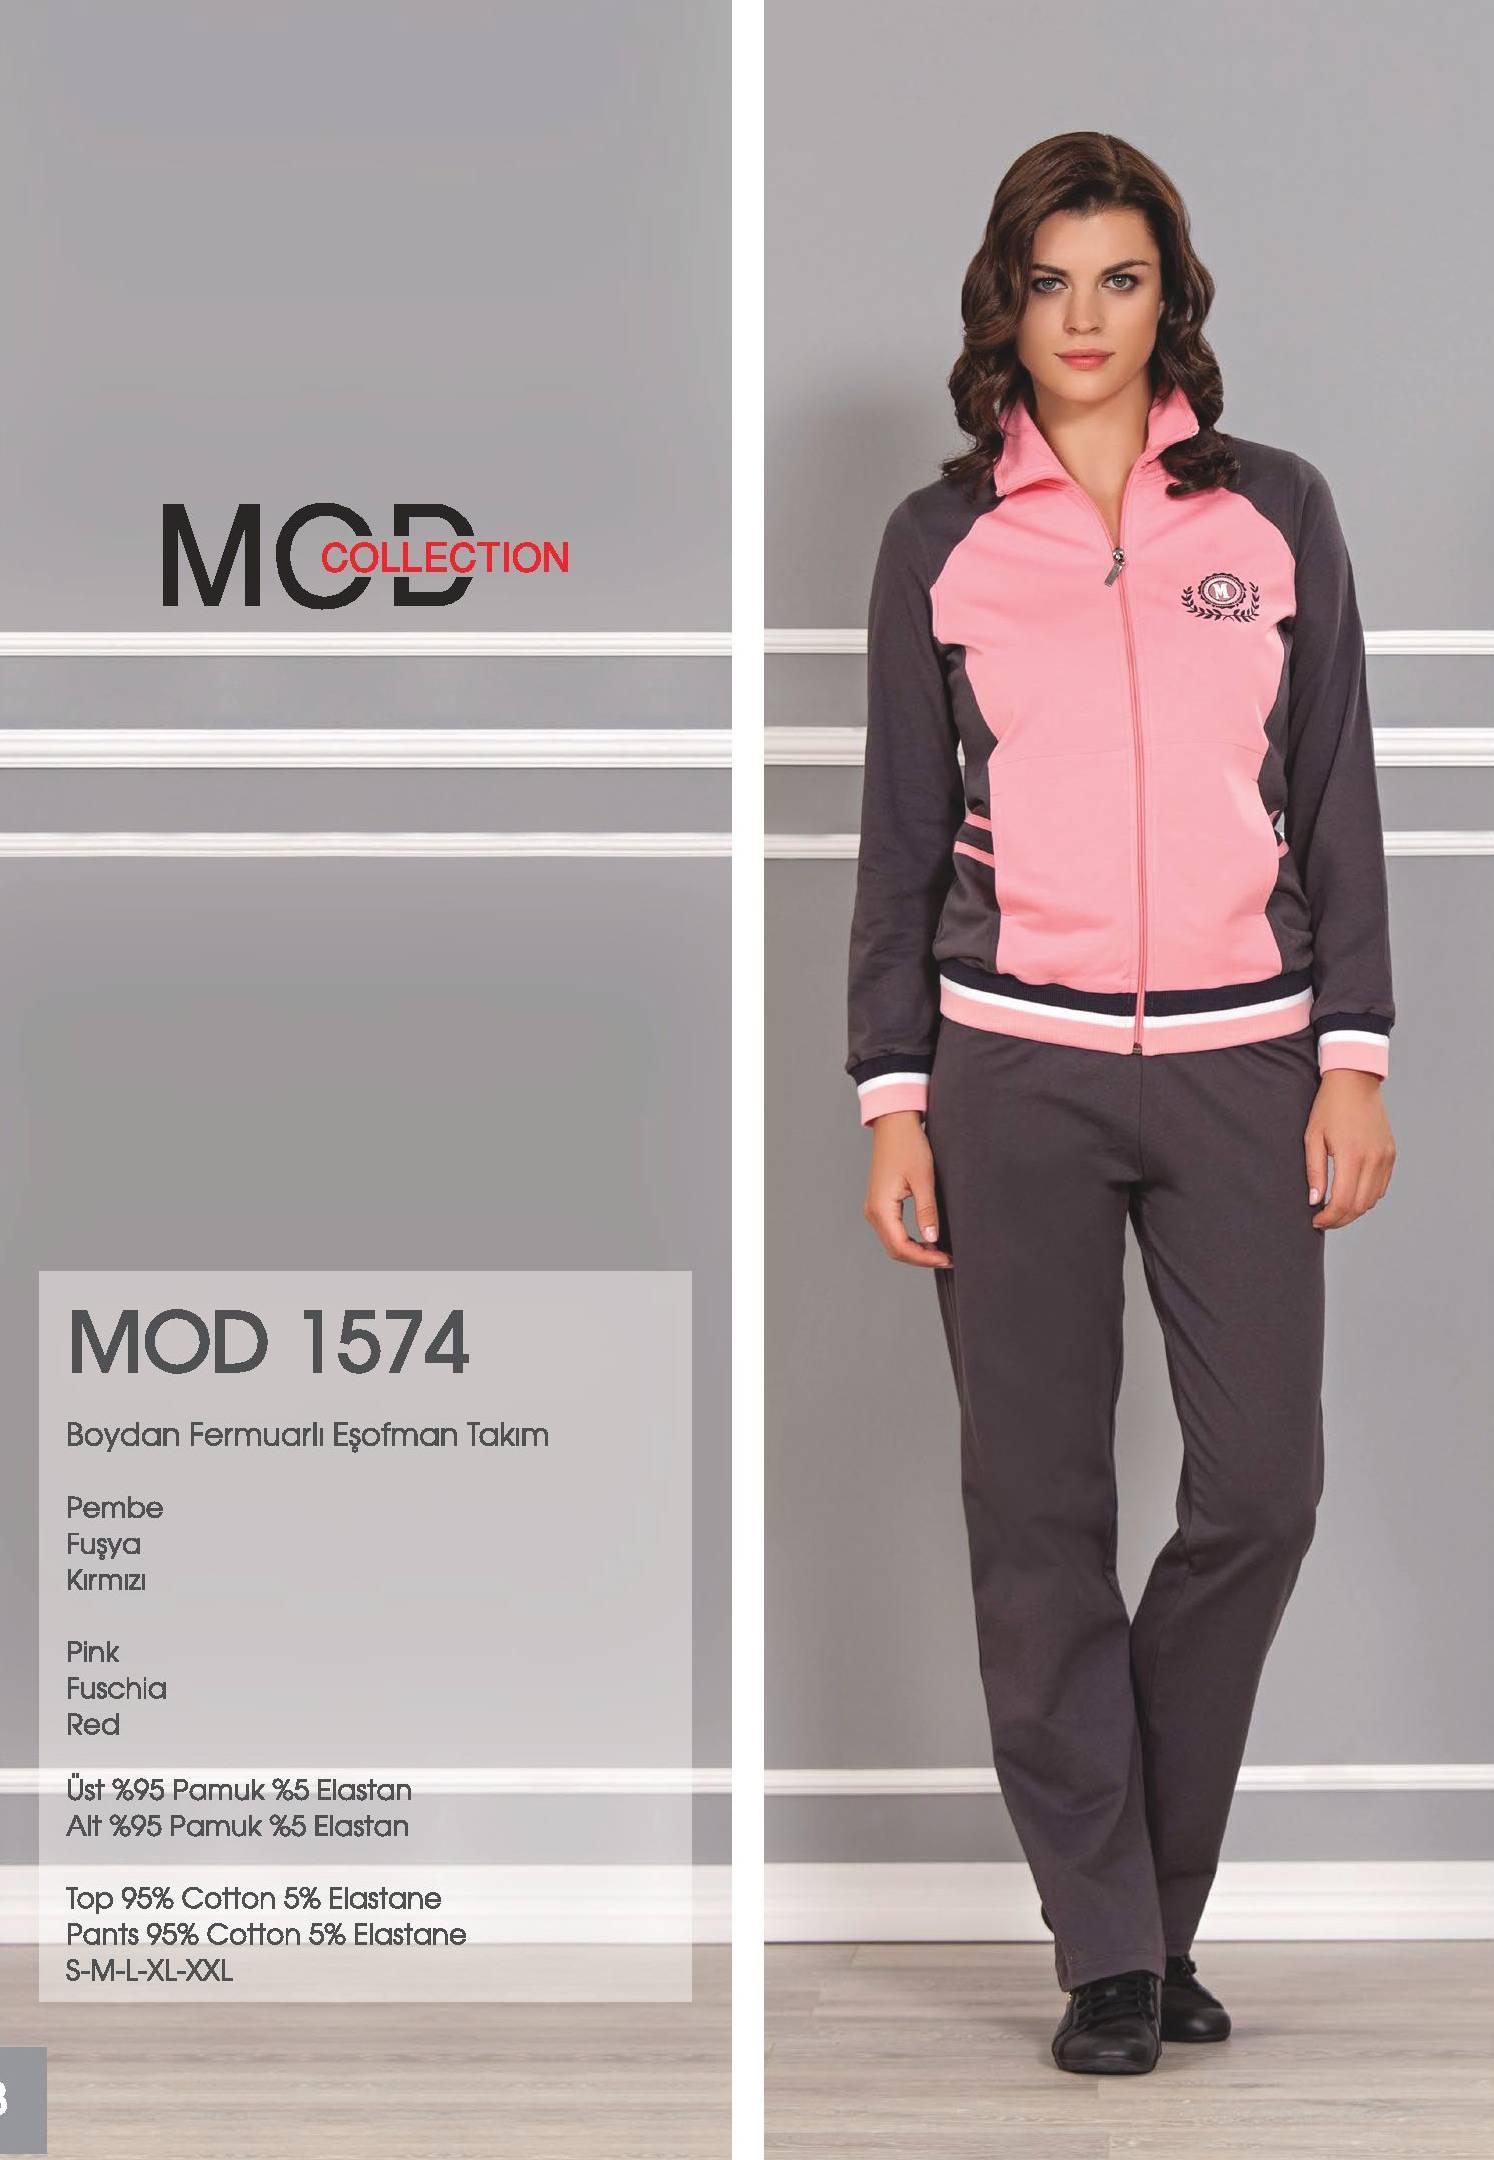 Mod Collection Bayan Boydan Fermuarlı Eşofman Takım 1574